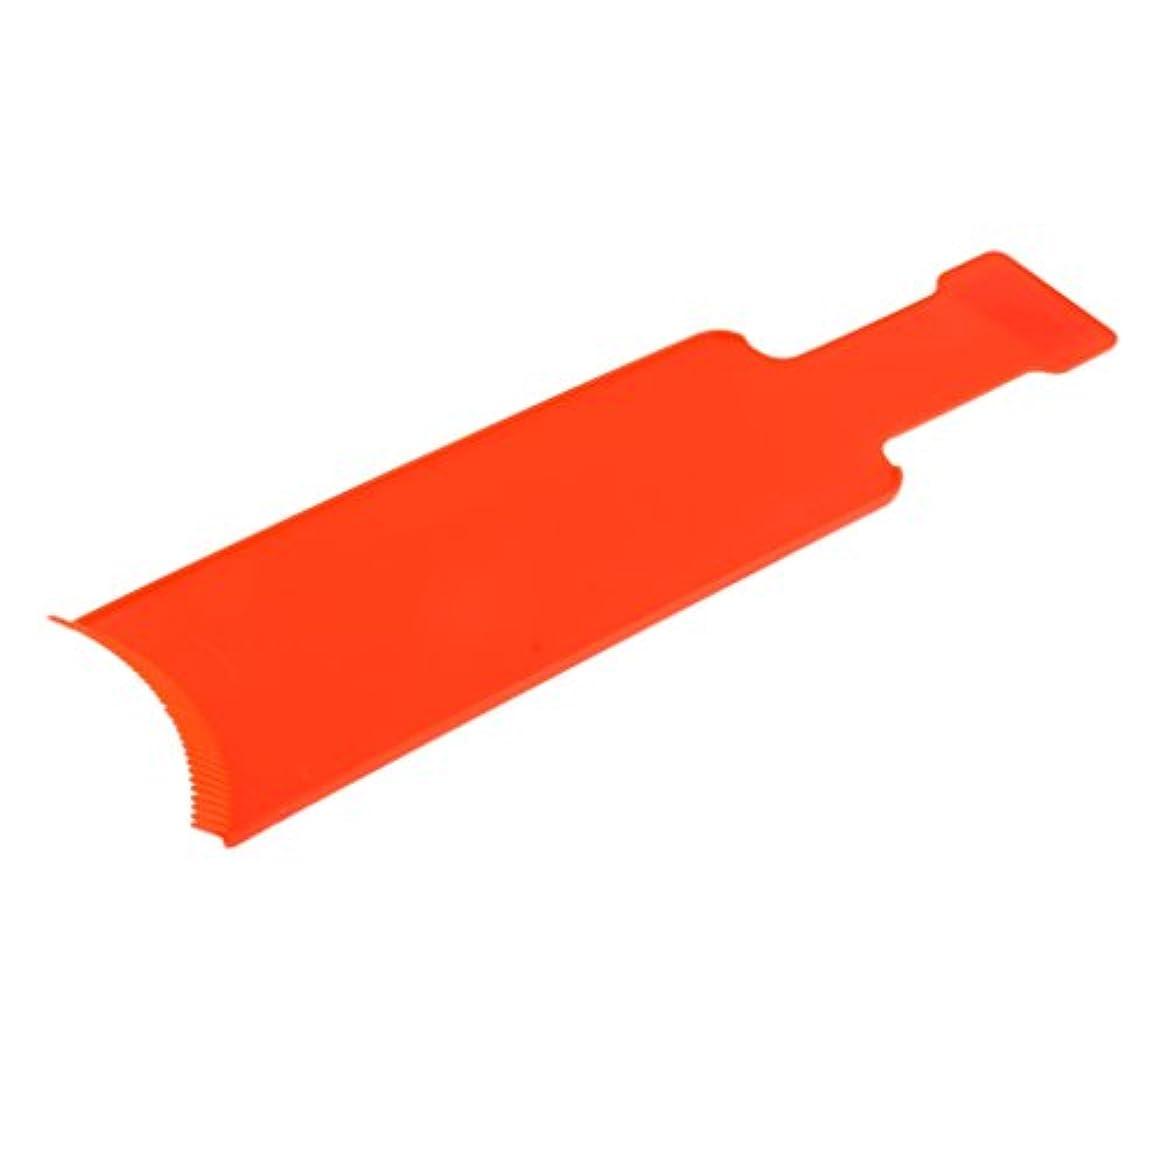 変えるを必要としています出血染色櫛プレート 染めボード ヘアカラー 櫛 着色ボード ヘアブラシ セルフヘルプ プロ 家庭用 2サイズ2色選べる - オレンジ, L